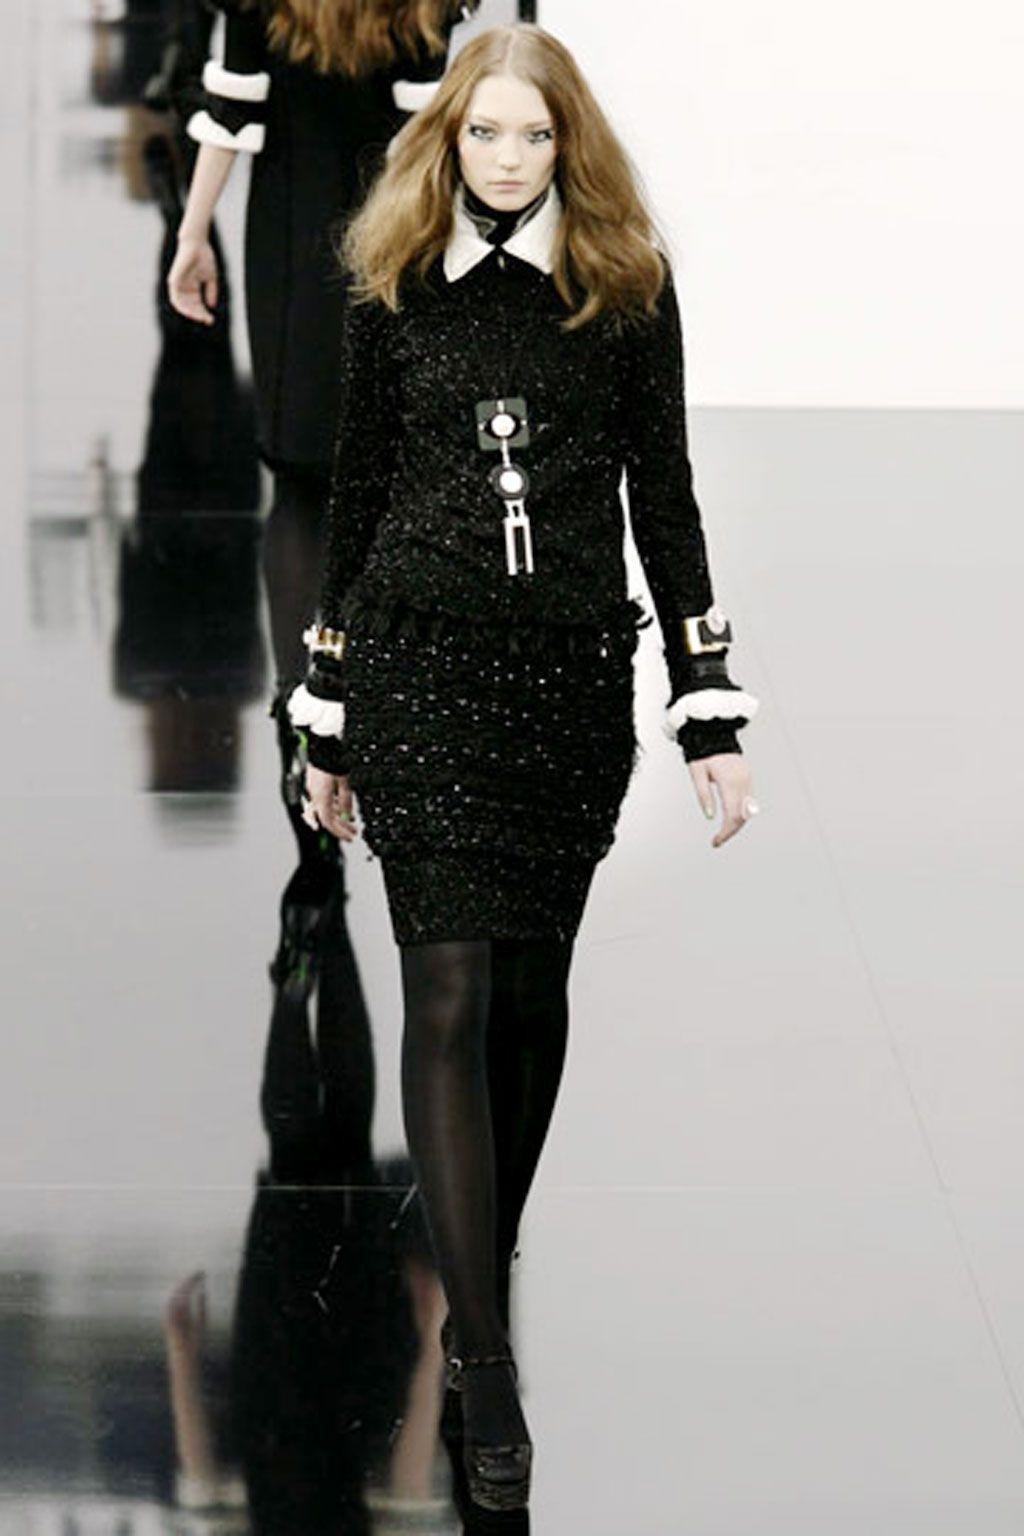 Chanel Little Black Dress | Coco chanel little black dress ...